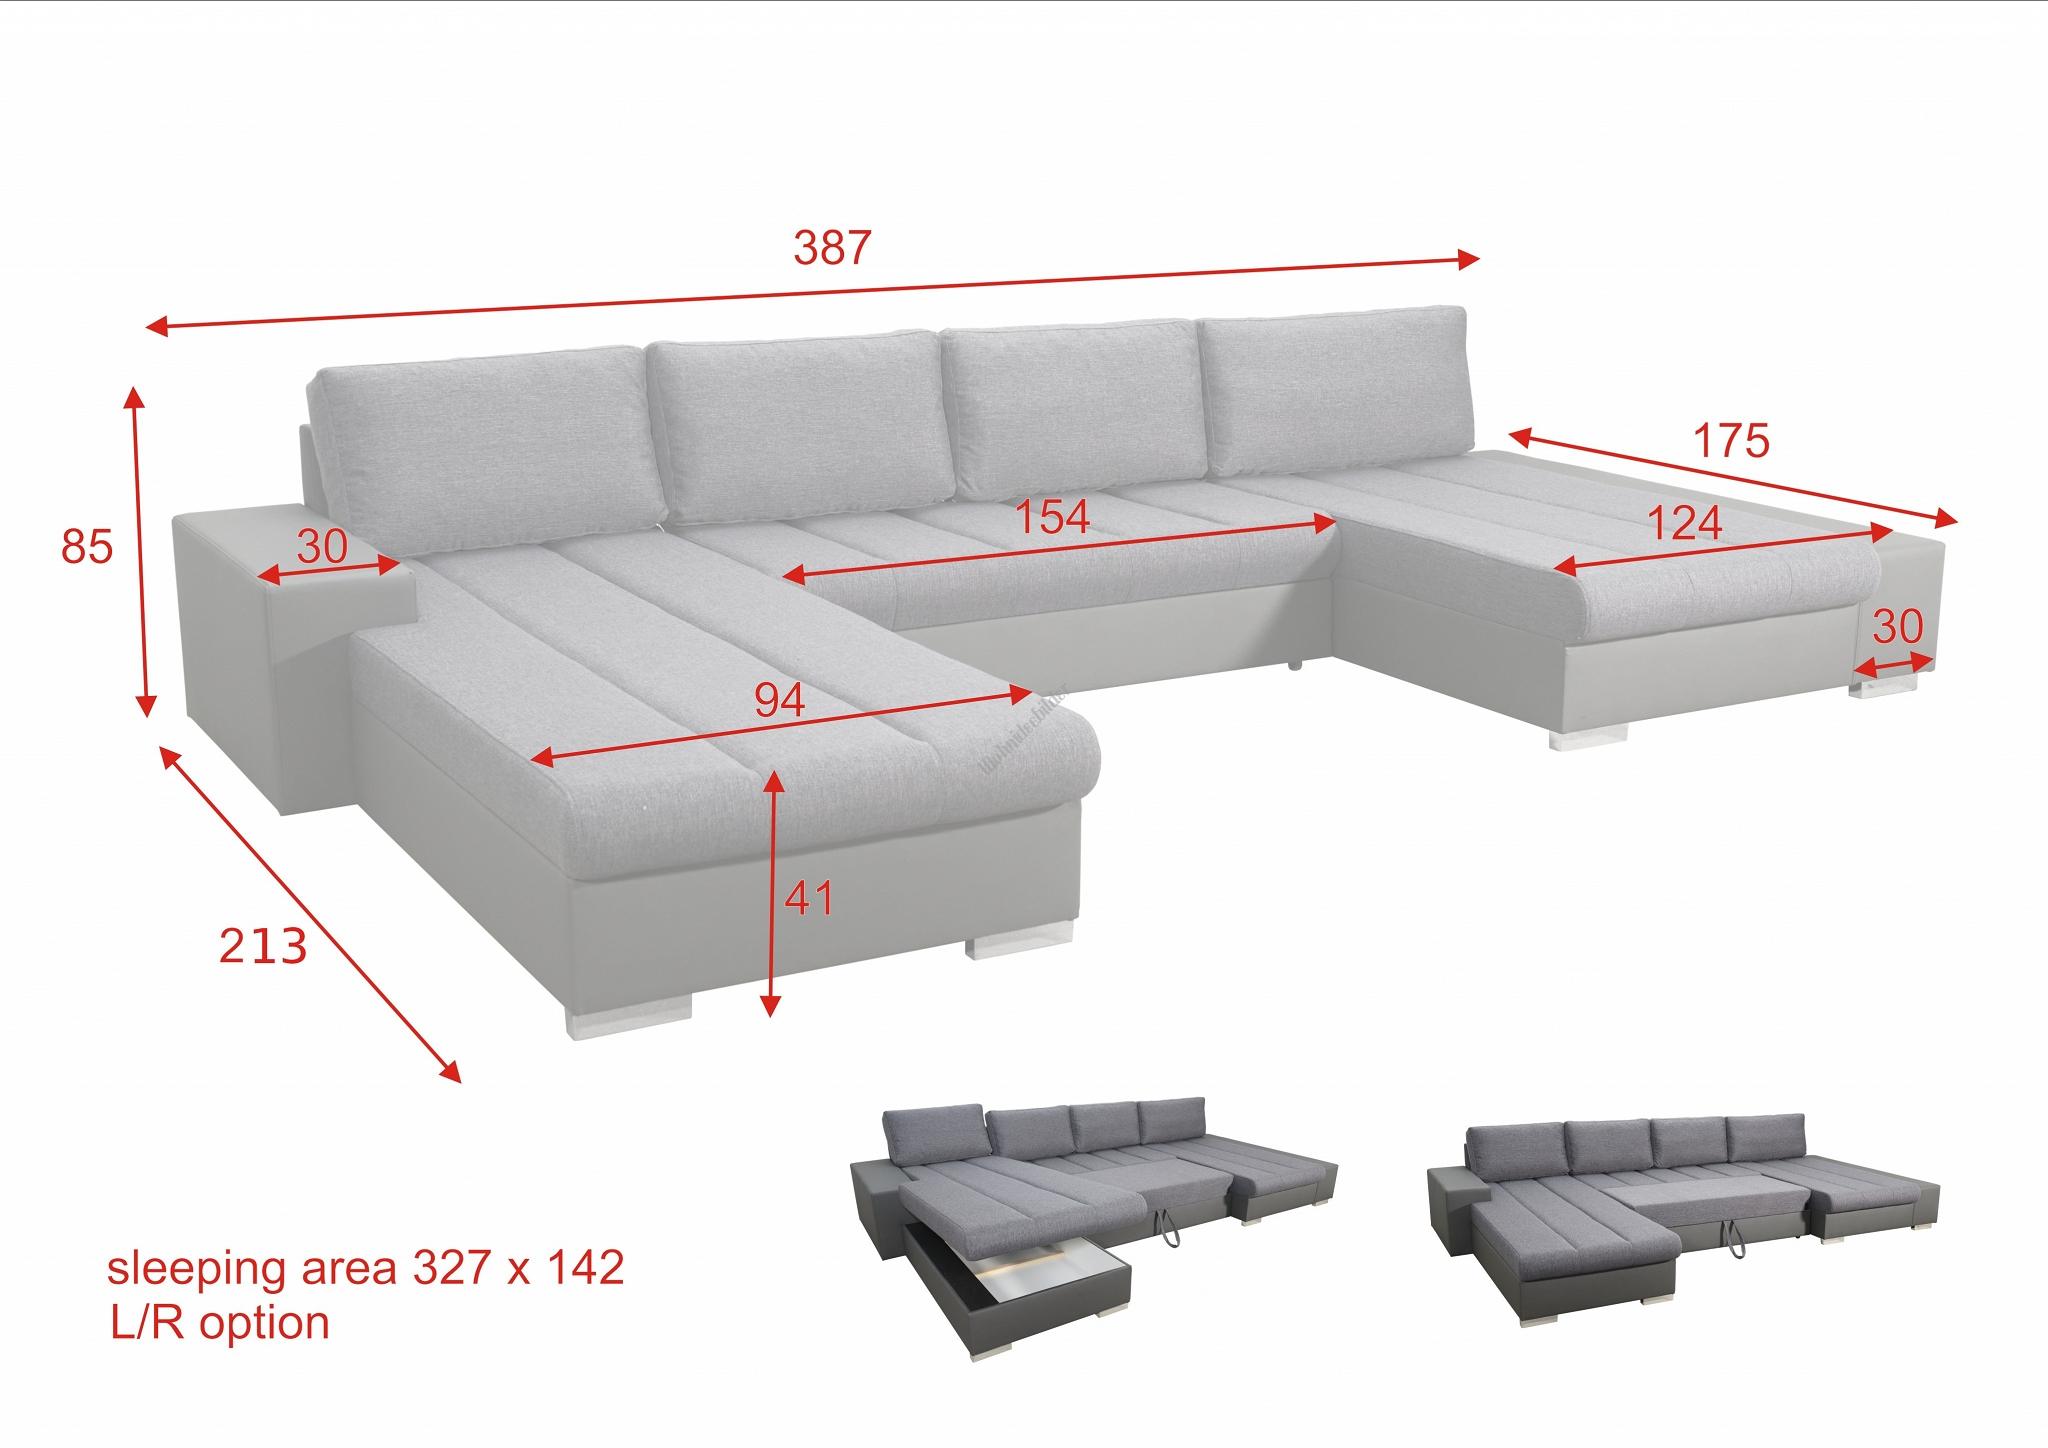 Full Size of Sofa Couchgarnitur Couch Sofagarnitur U Wohnlandschaft Verona 3 Regal Geringe Tiefe Verkaufen Hotel Bad Krozingen Badezimmer Lampe Stehlampen Wohnzimmer Bett Sofa L Sofa Mit Schlaffunktion